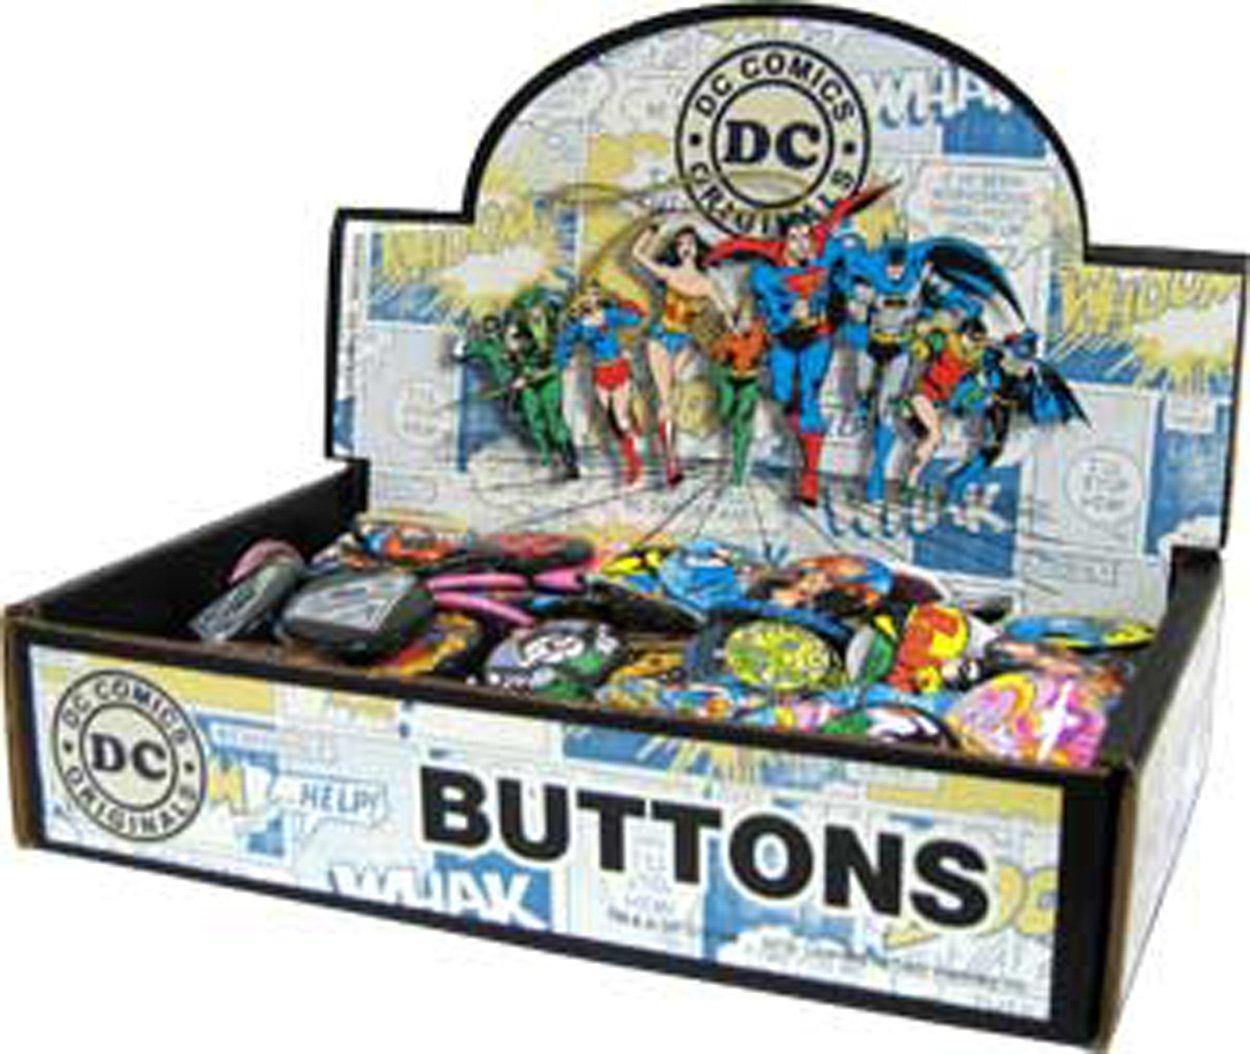 Button set DC Comics Originals Countertop Display Box Assorted Loose Buttons 144-Piece